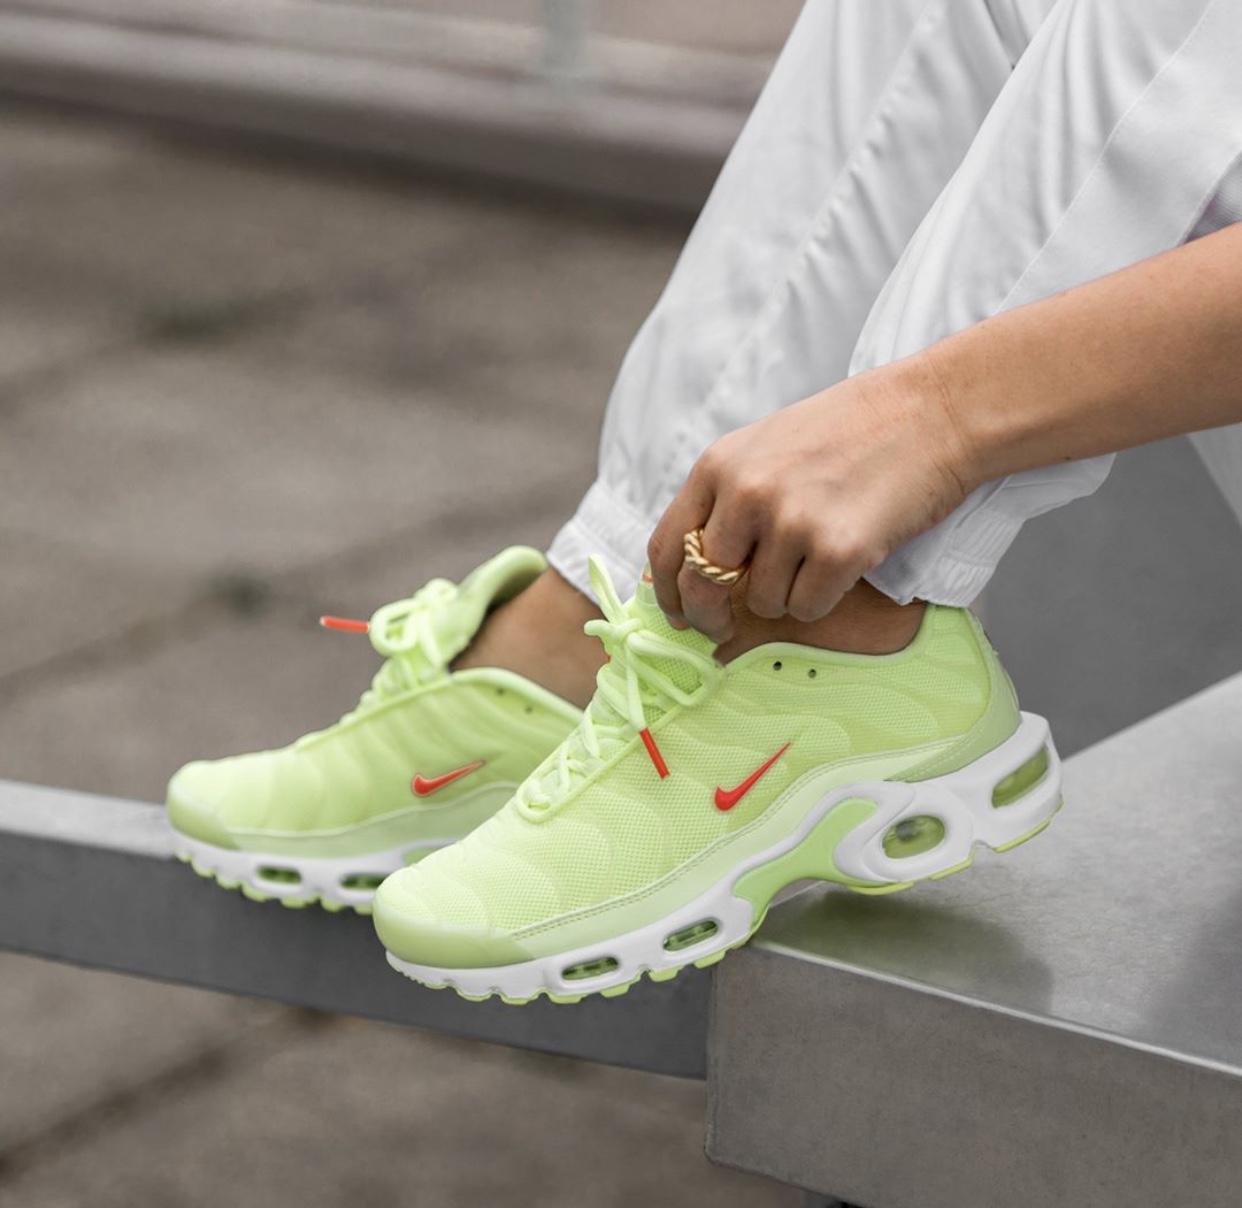 932e44770e 'Barely Volt' Hits The Nike Air Max Plus TN SE. '